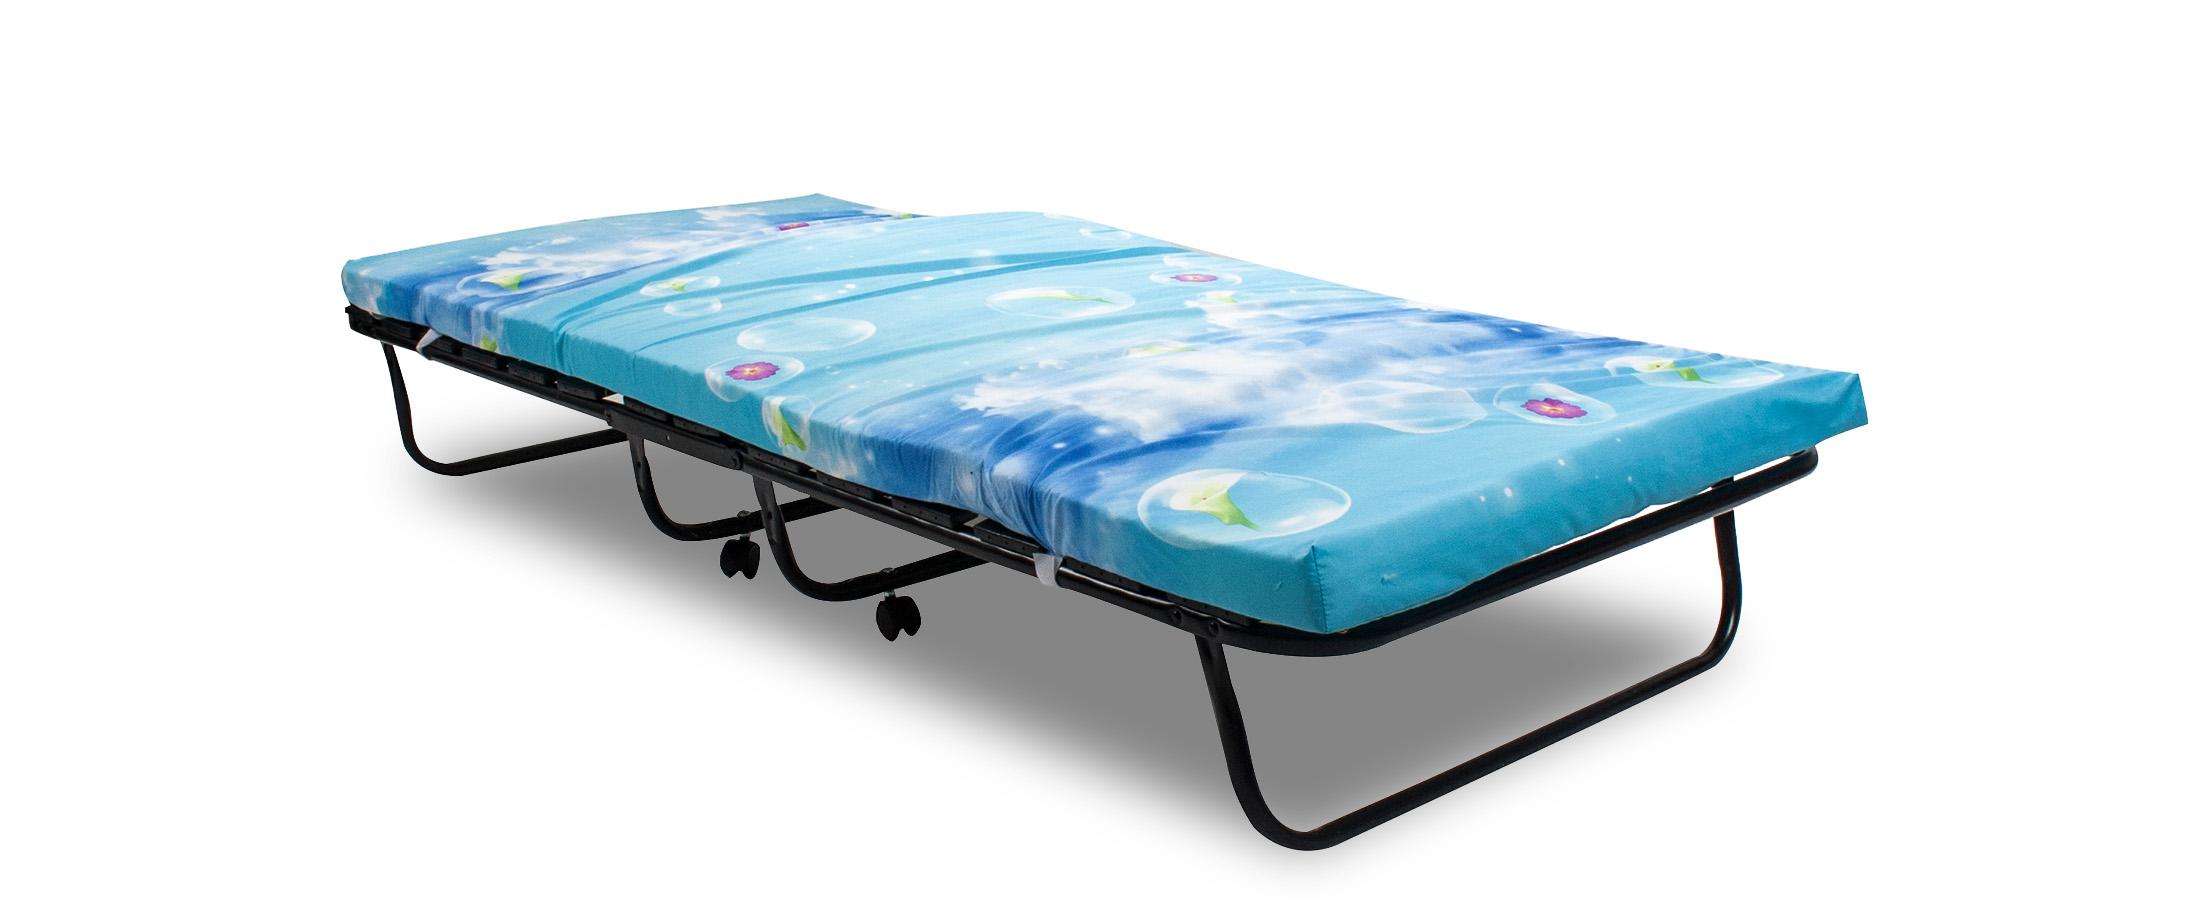 Кровать раскладная Виктория 800 Модель 363Кровать раскладная Виктория 800 Модель 363 артикул С000042<br>